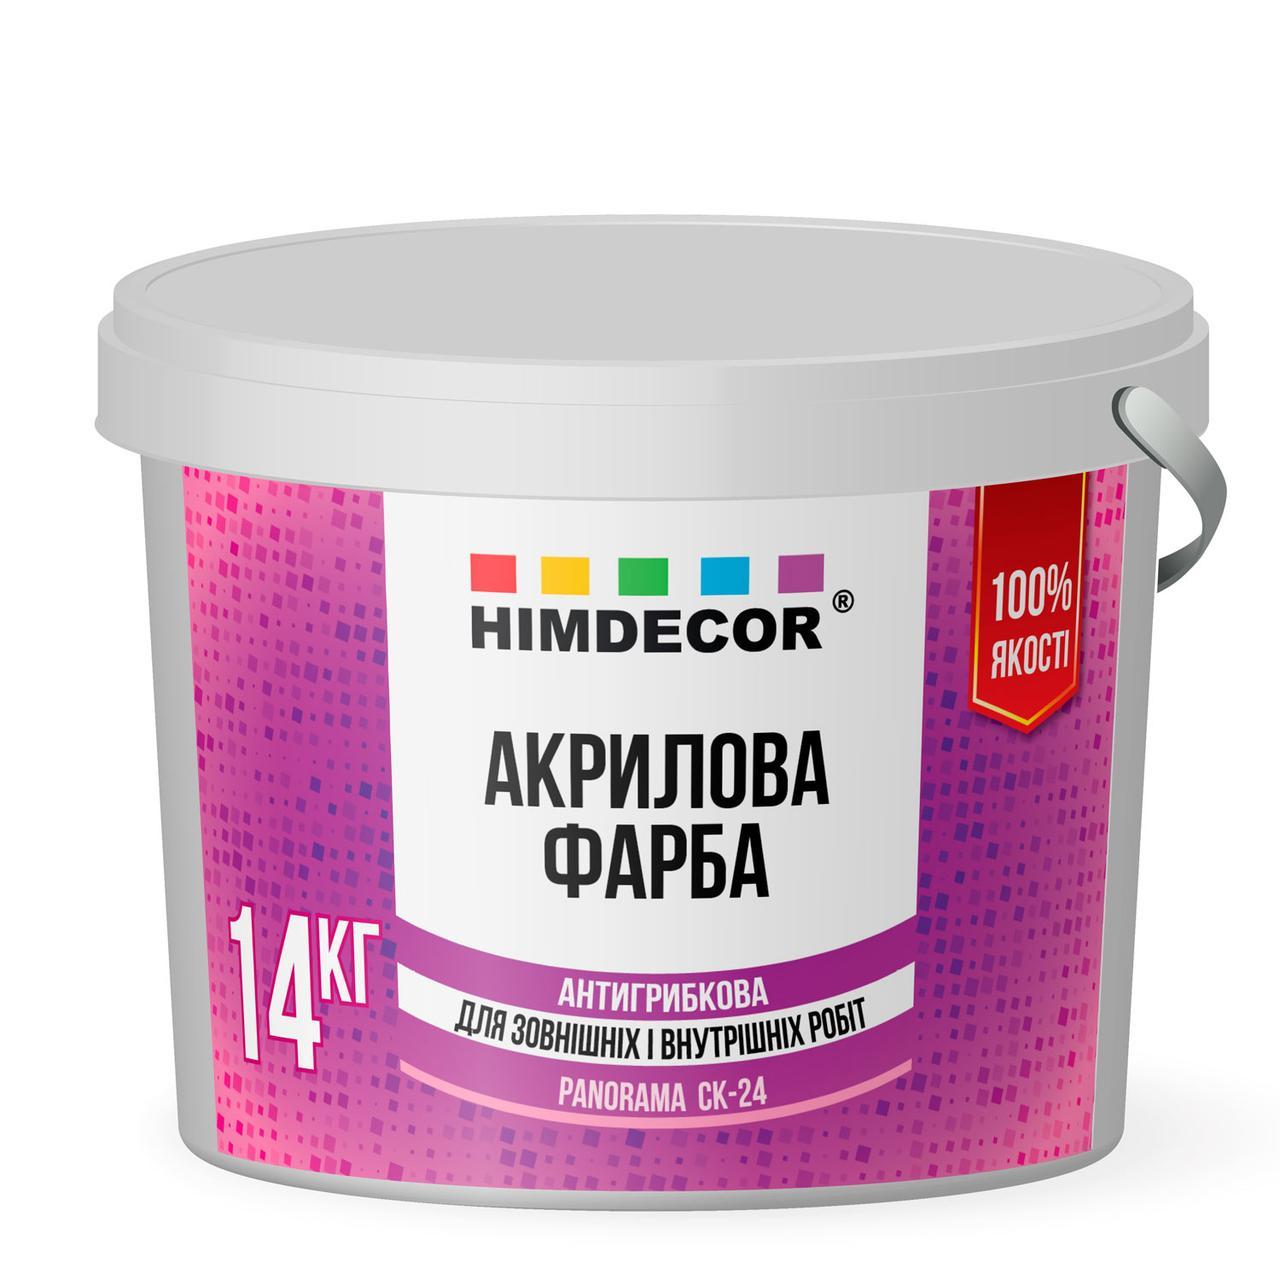 Акрилова антигрибкова фарба Himdecor PANORAMA FASADE СК-24 14 кг